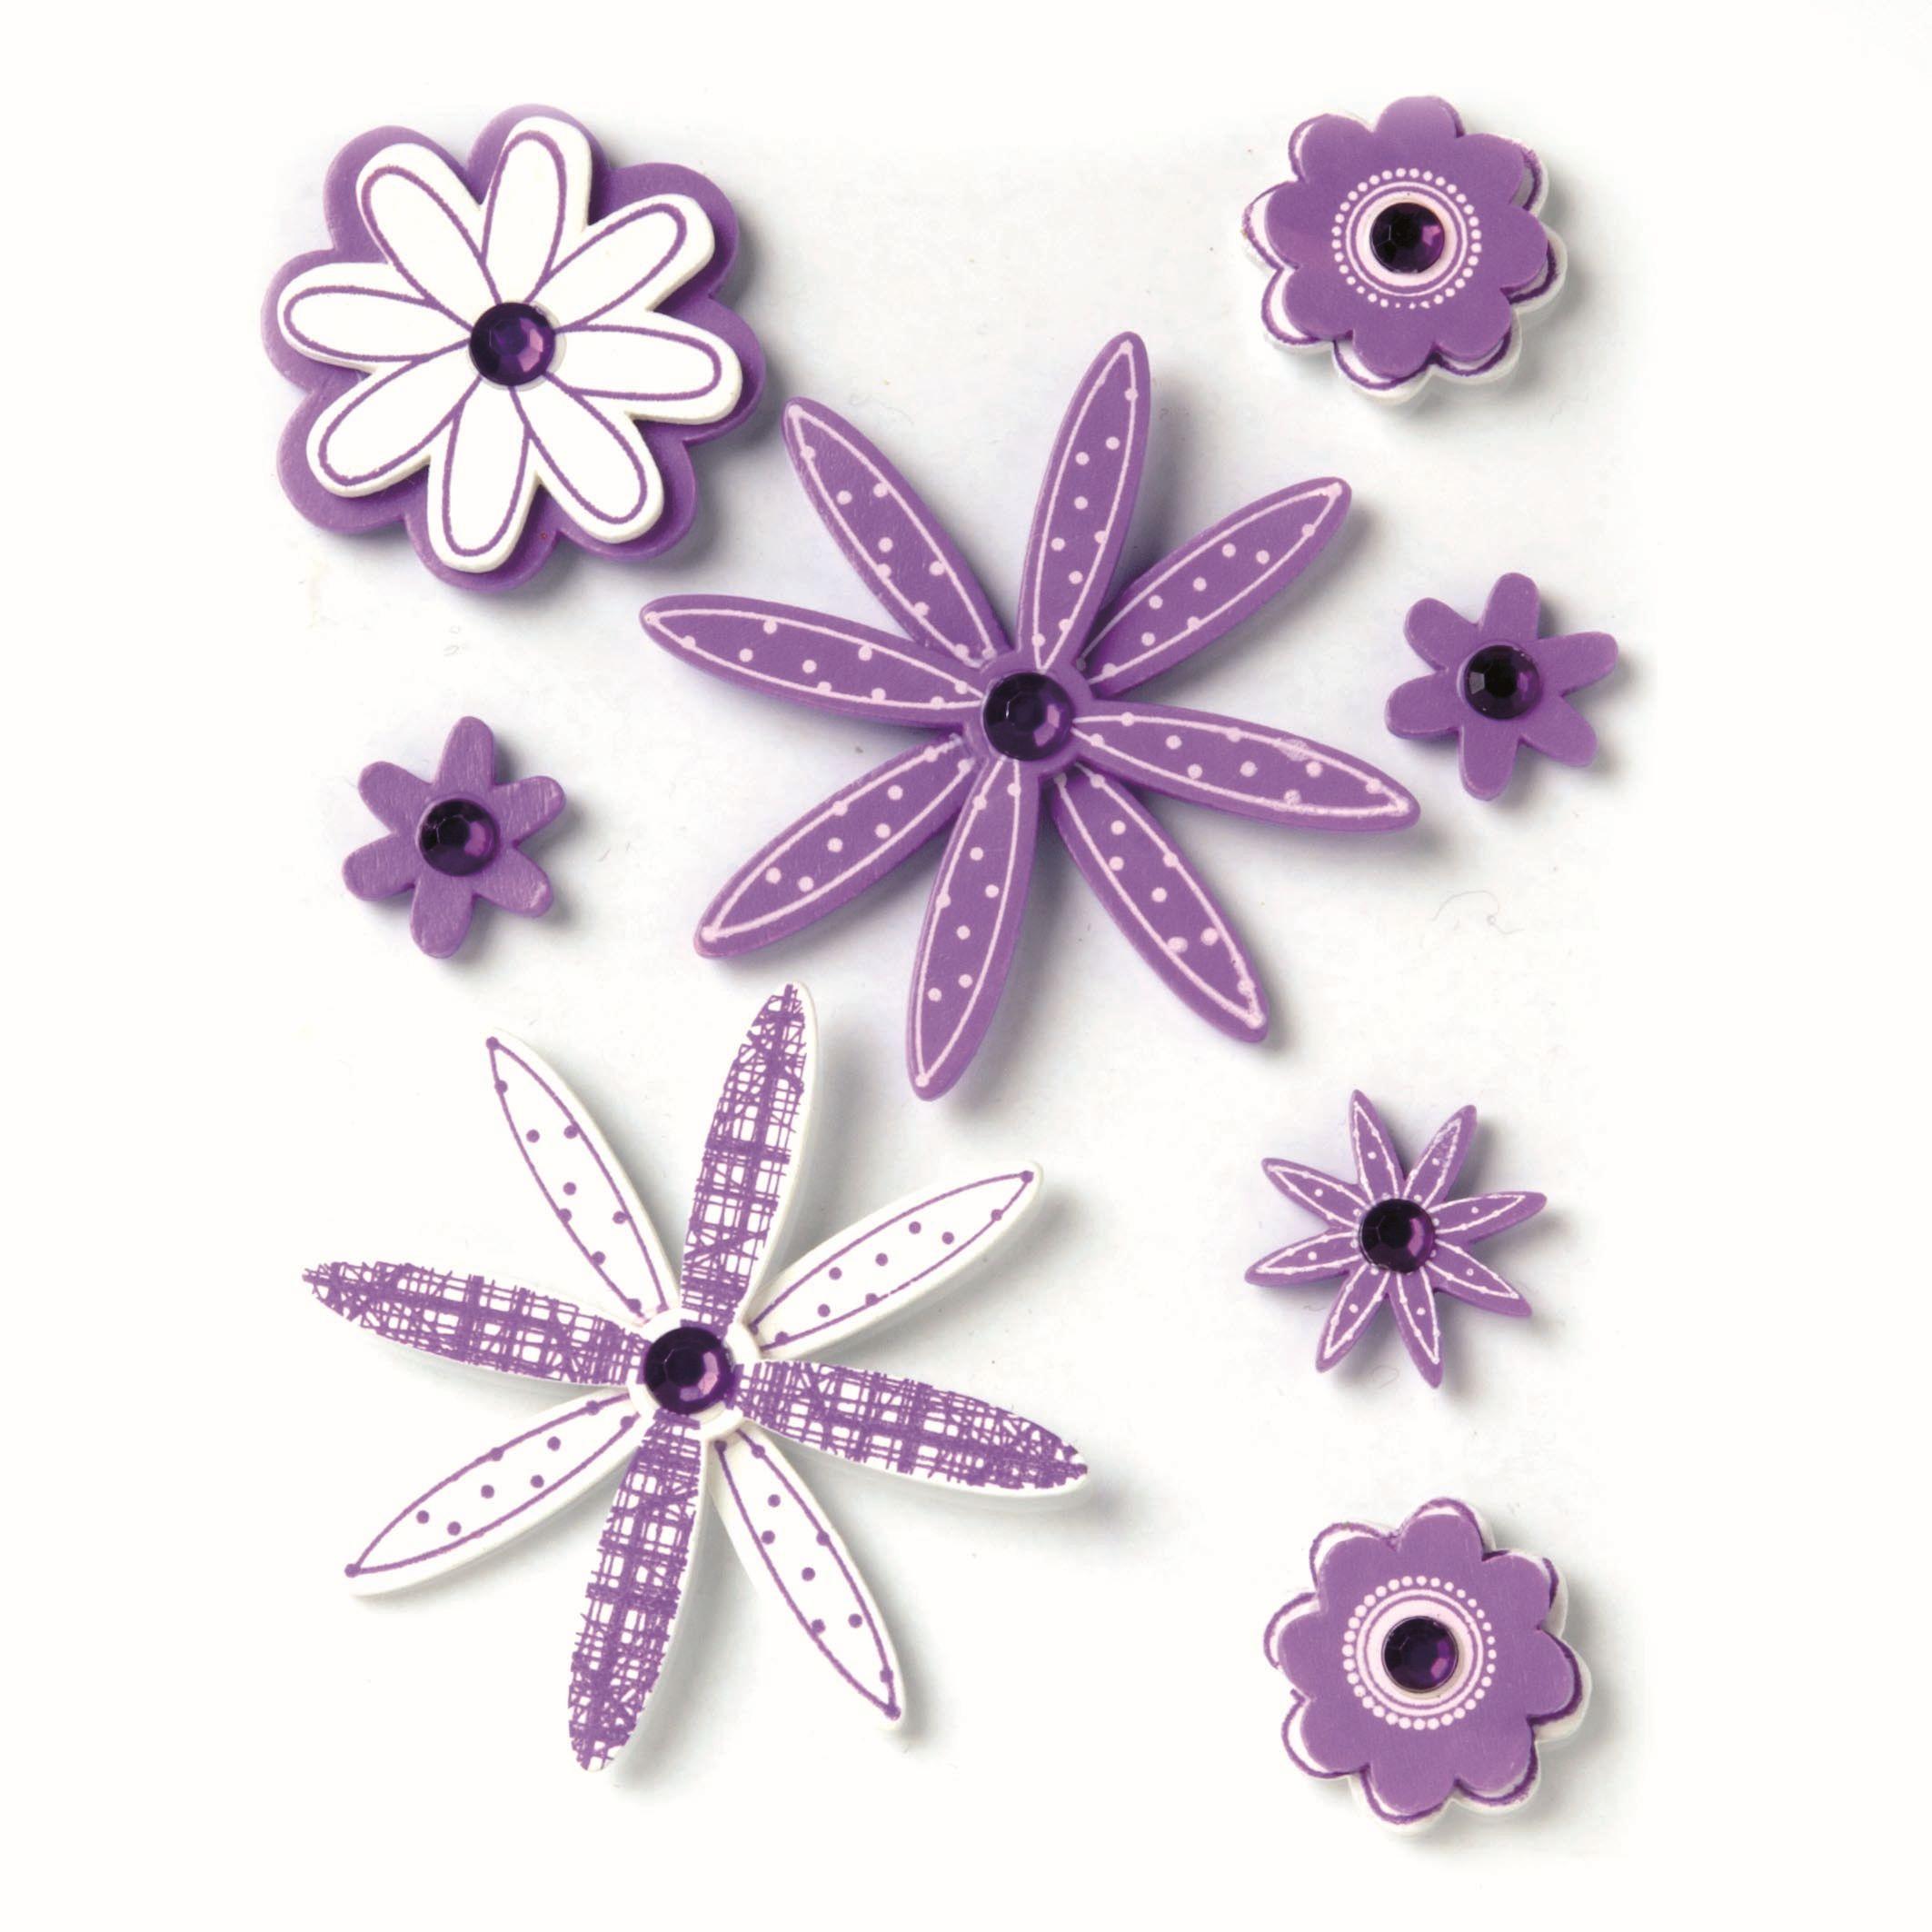 61710030 Фигурки из дерева Цветок 8шт лиловый Glorex